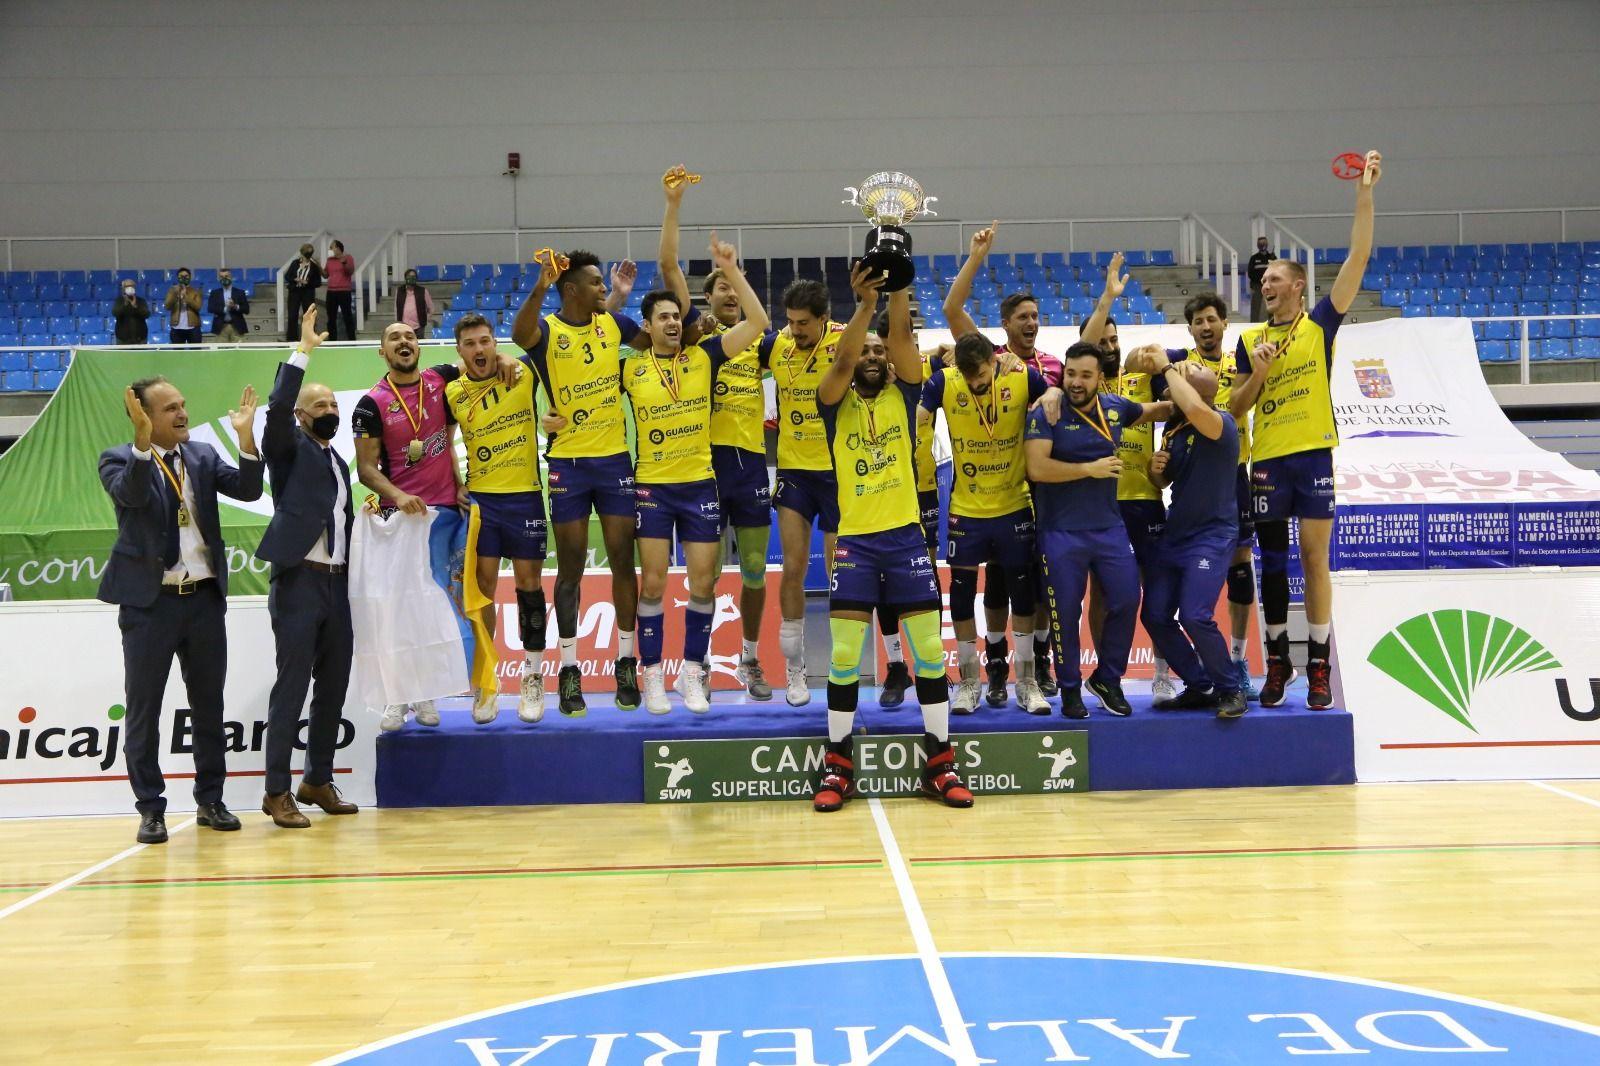 El Guaguas se proclama campeón de la Superliga